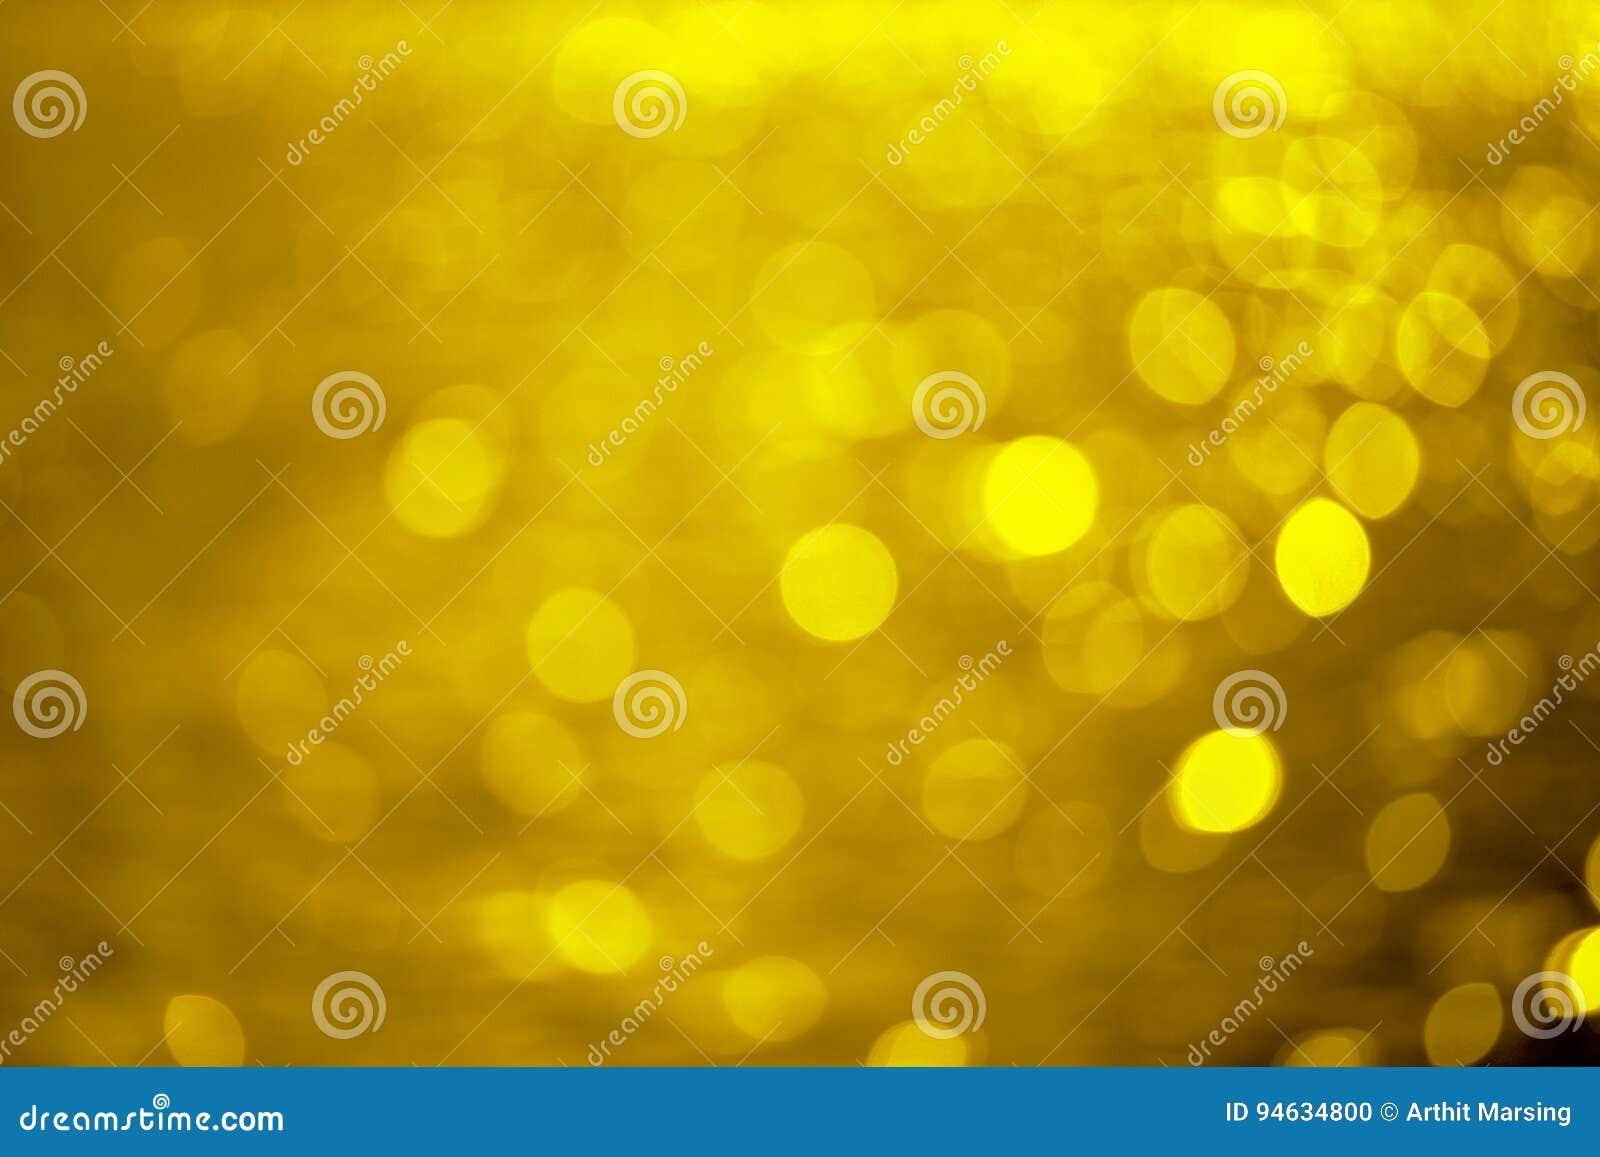 Złoty tło tworzył od obrazka złota bokeh woda